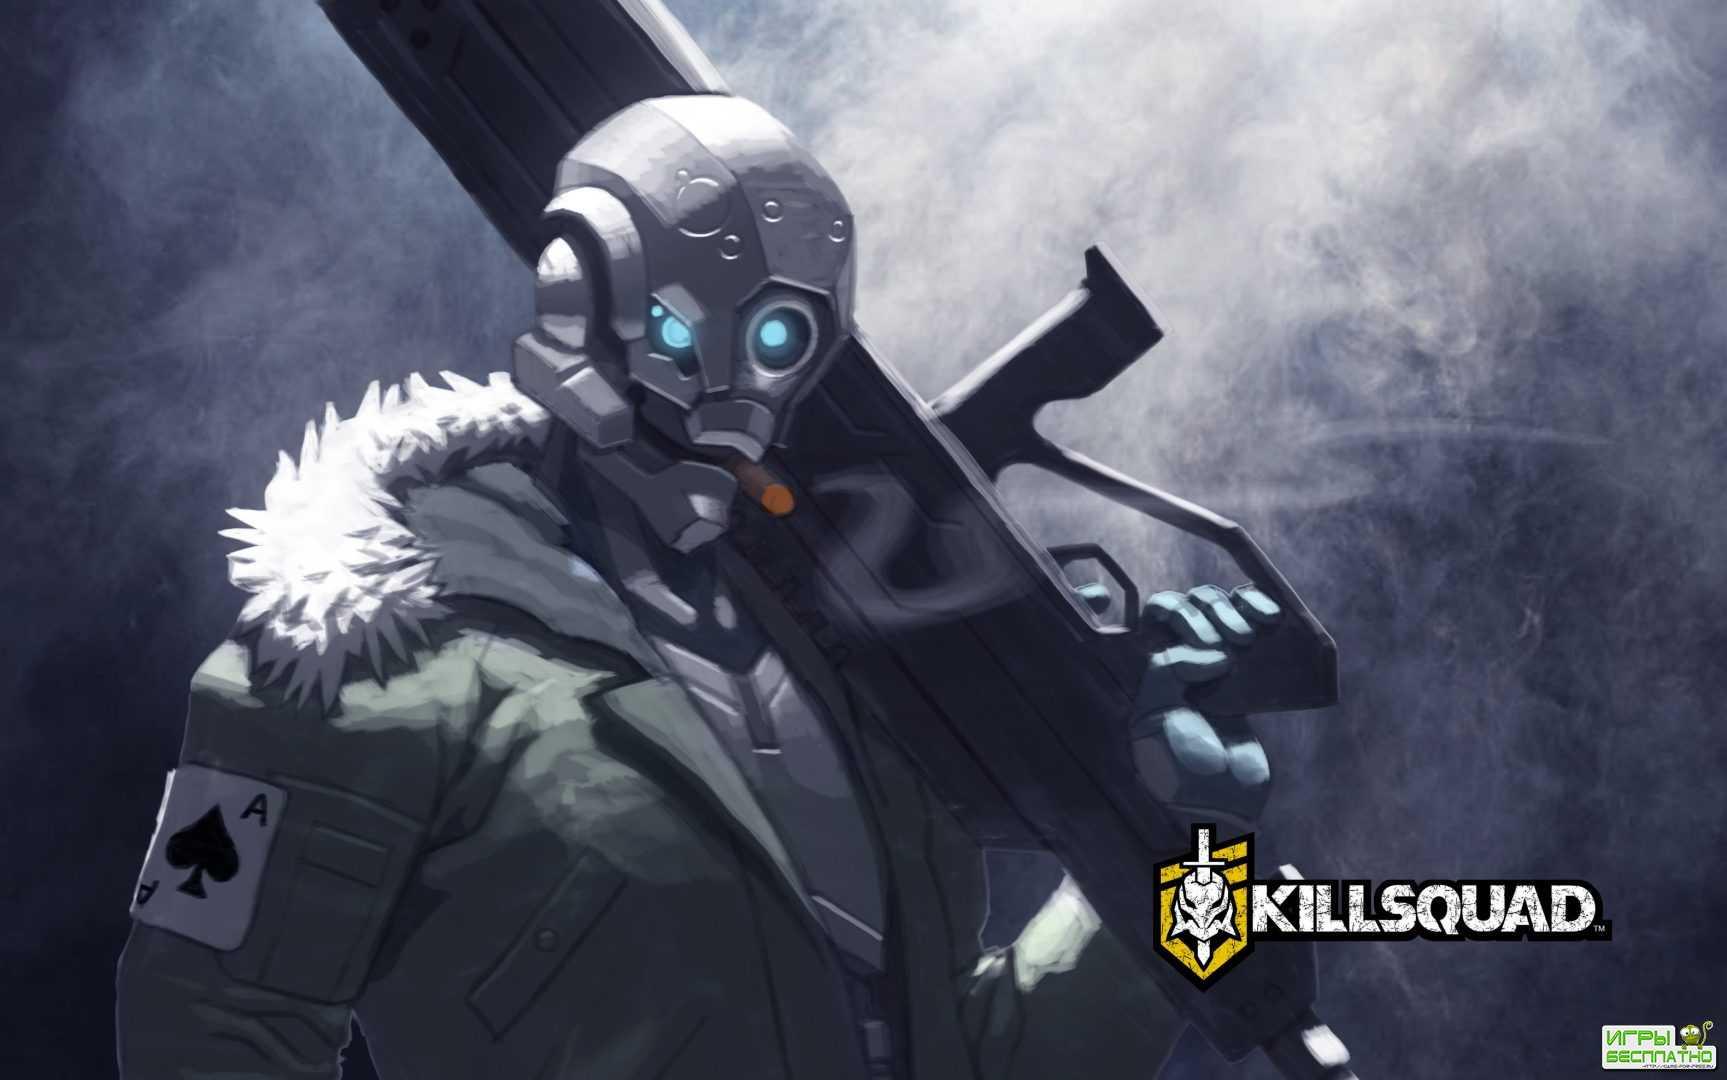 Геймплей и масса врагов в релизном трейлере дияблоида Killsquad